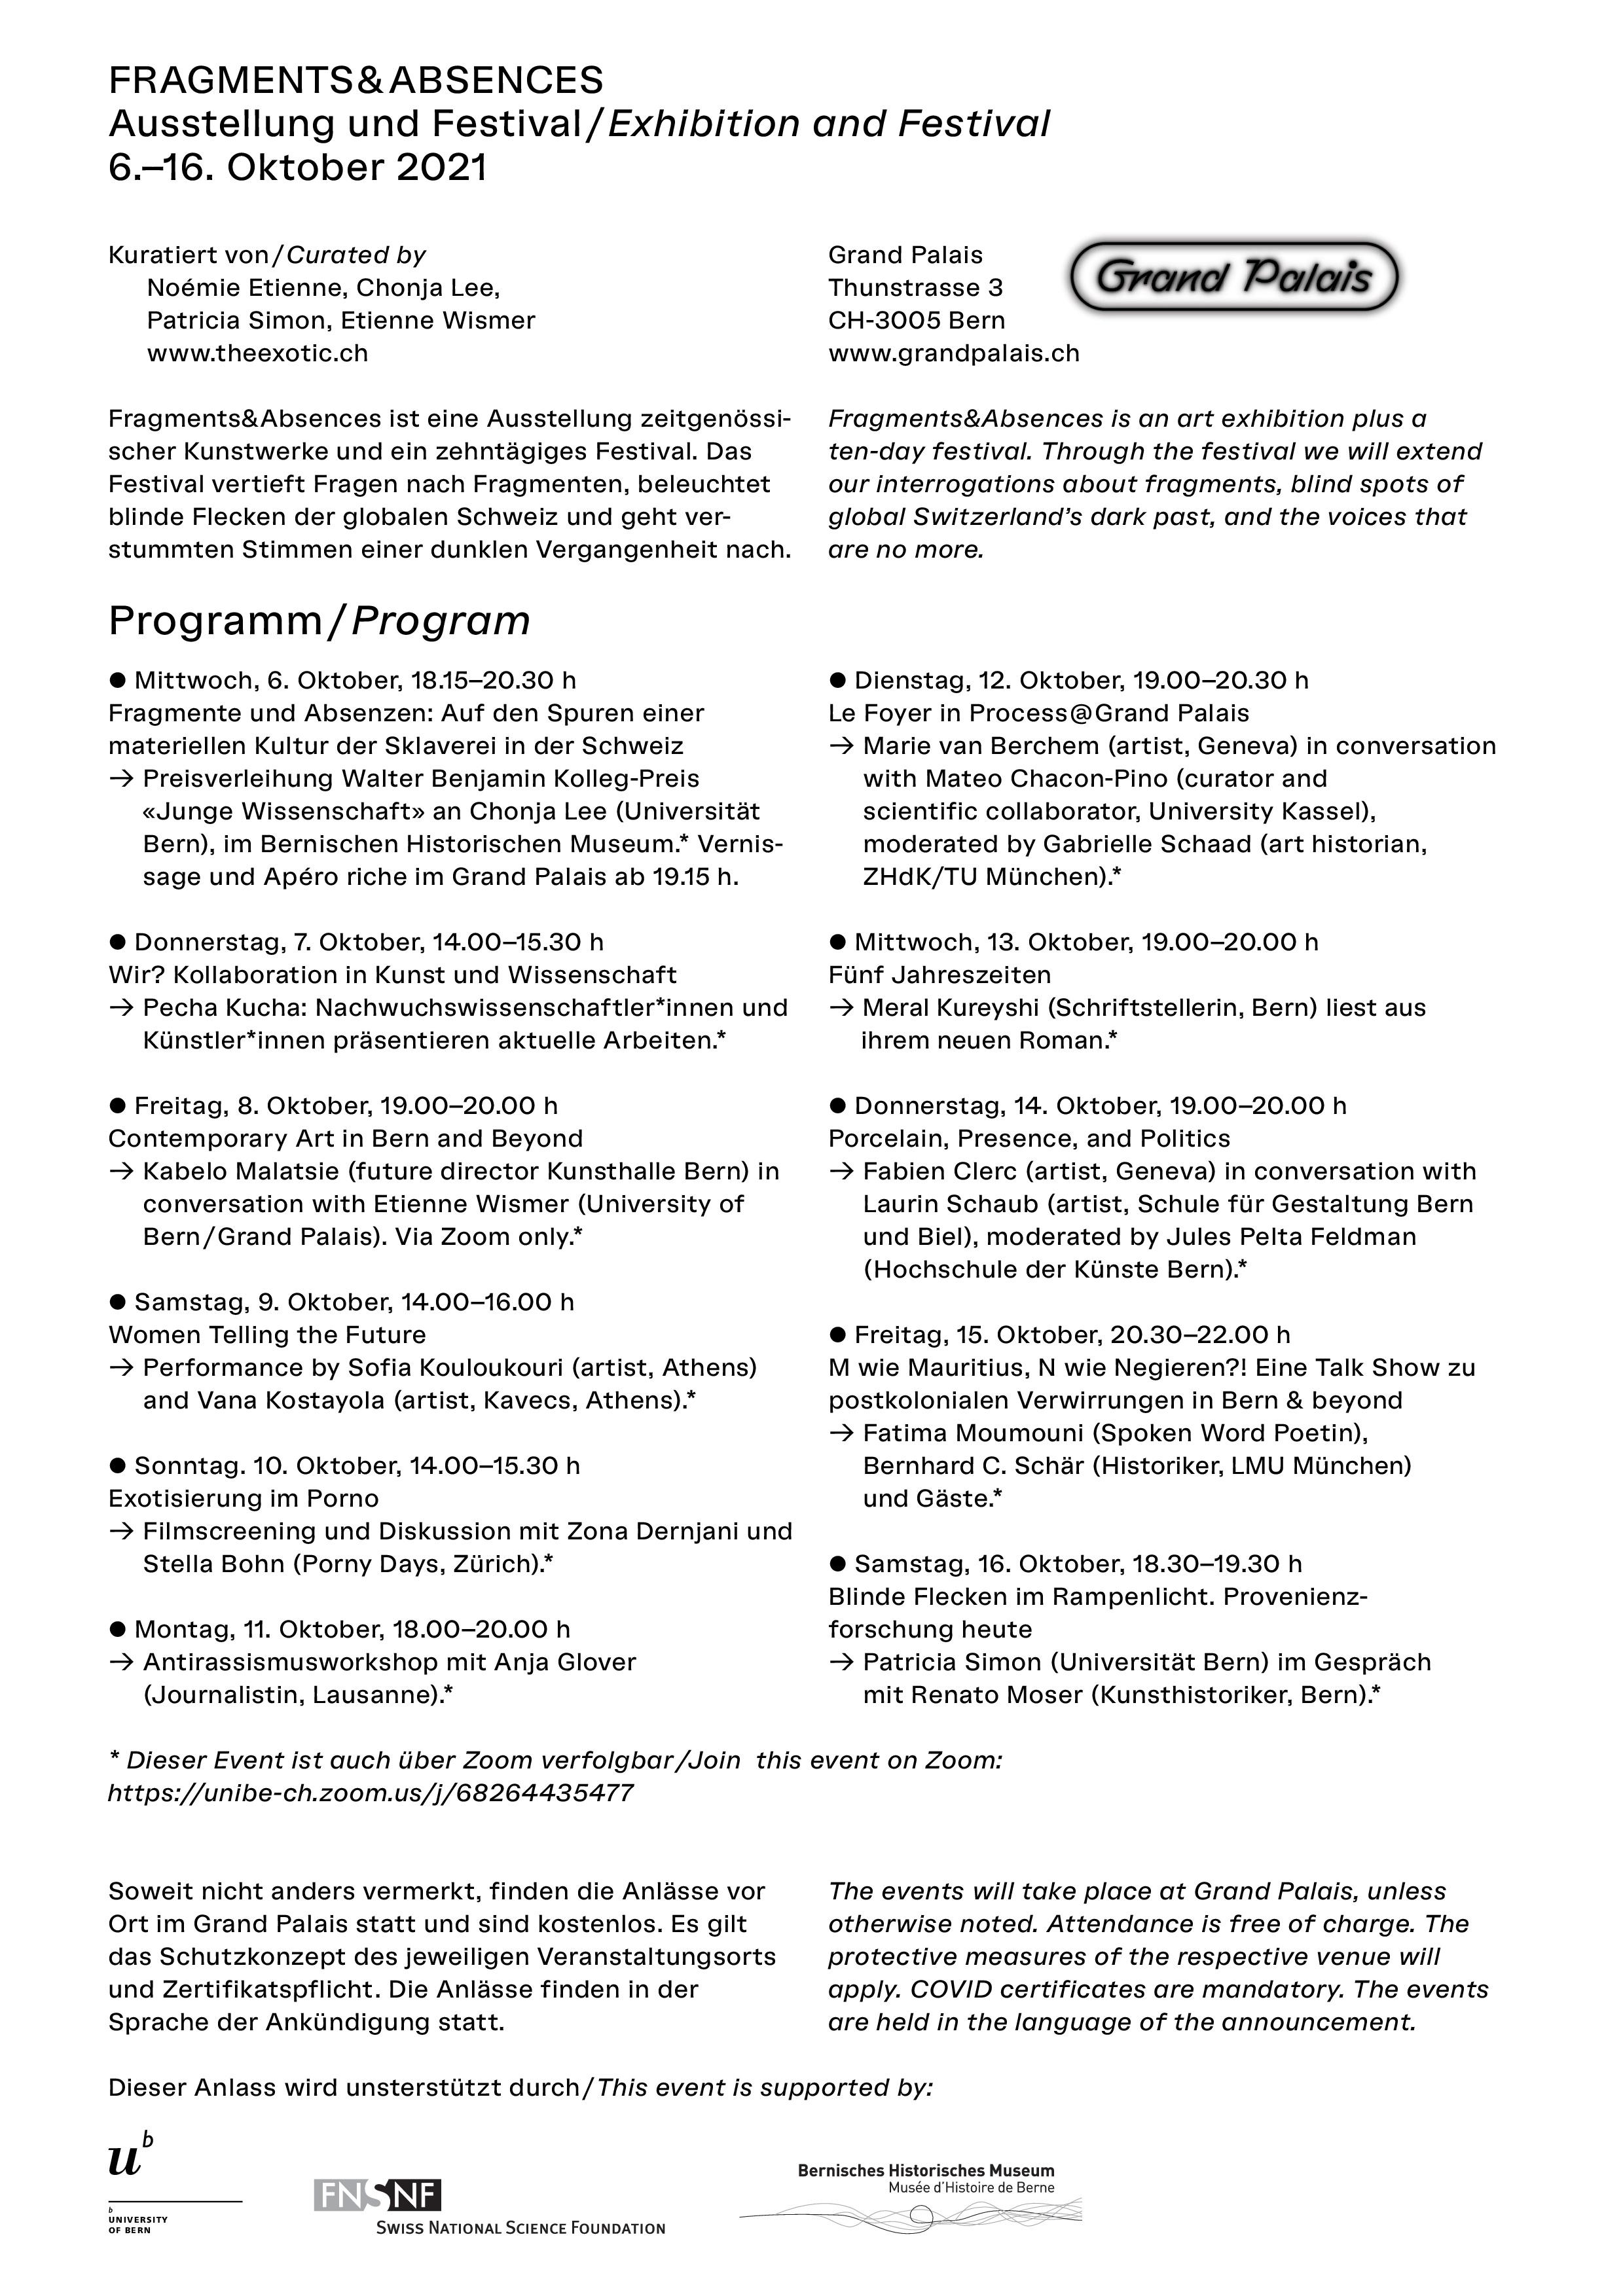 FA-Programm-kurz